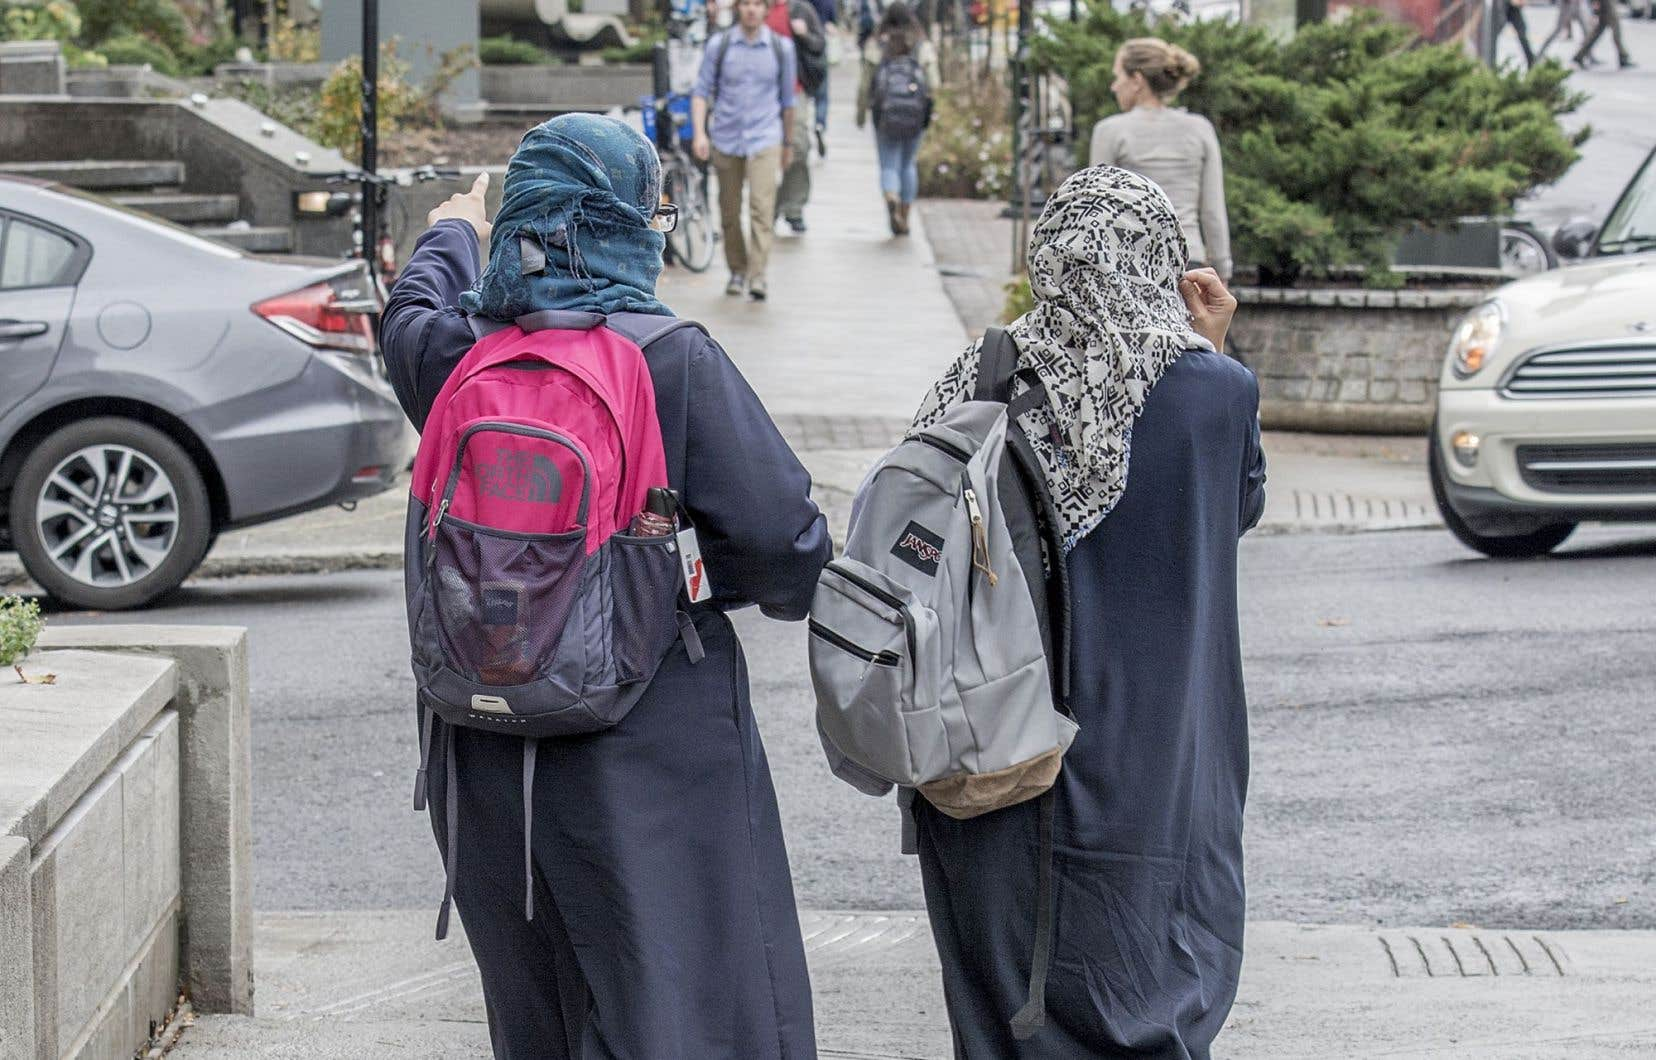 La visibilité qu'on accorde aux musulmans leur nuit plus qu'elle ne les sert. Ils souhaitent simplement qu'on les regarde et qu'on les traite comme des citoyens à part entière, écrit l'auteur.